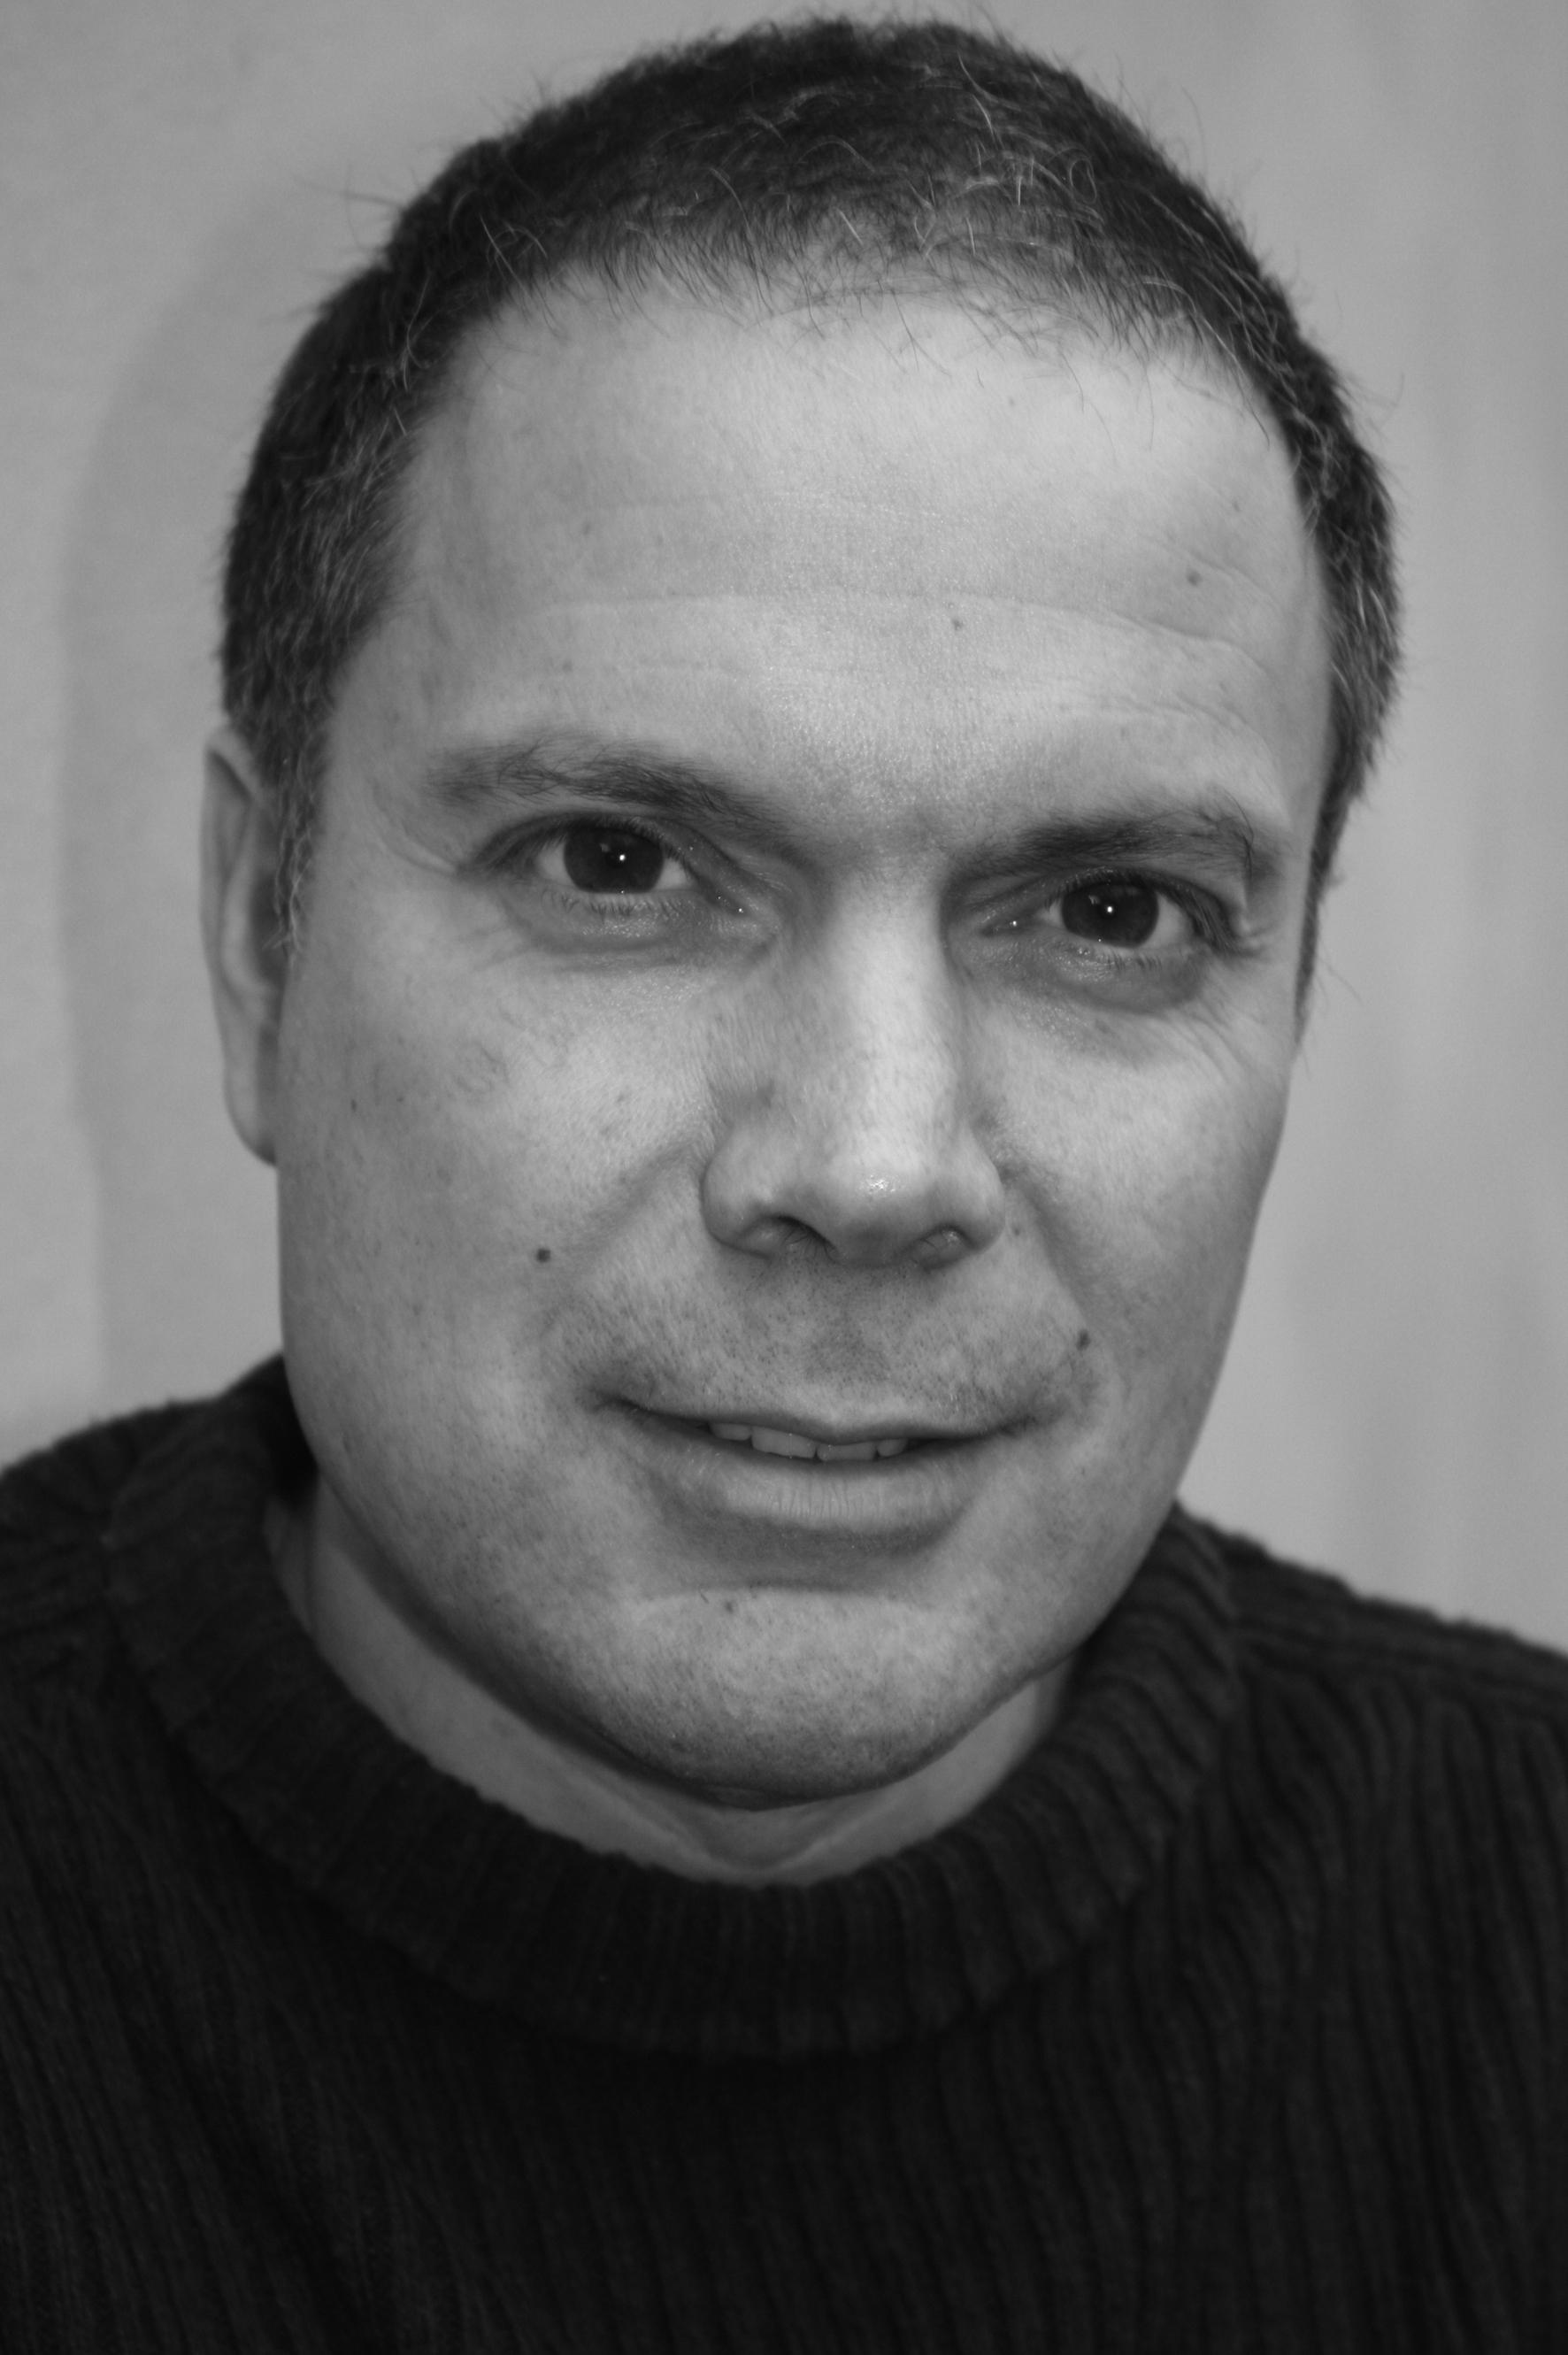 Jamie Vartan headshot b&w.jpg